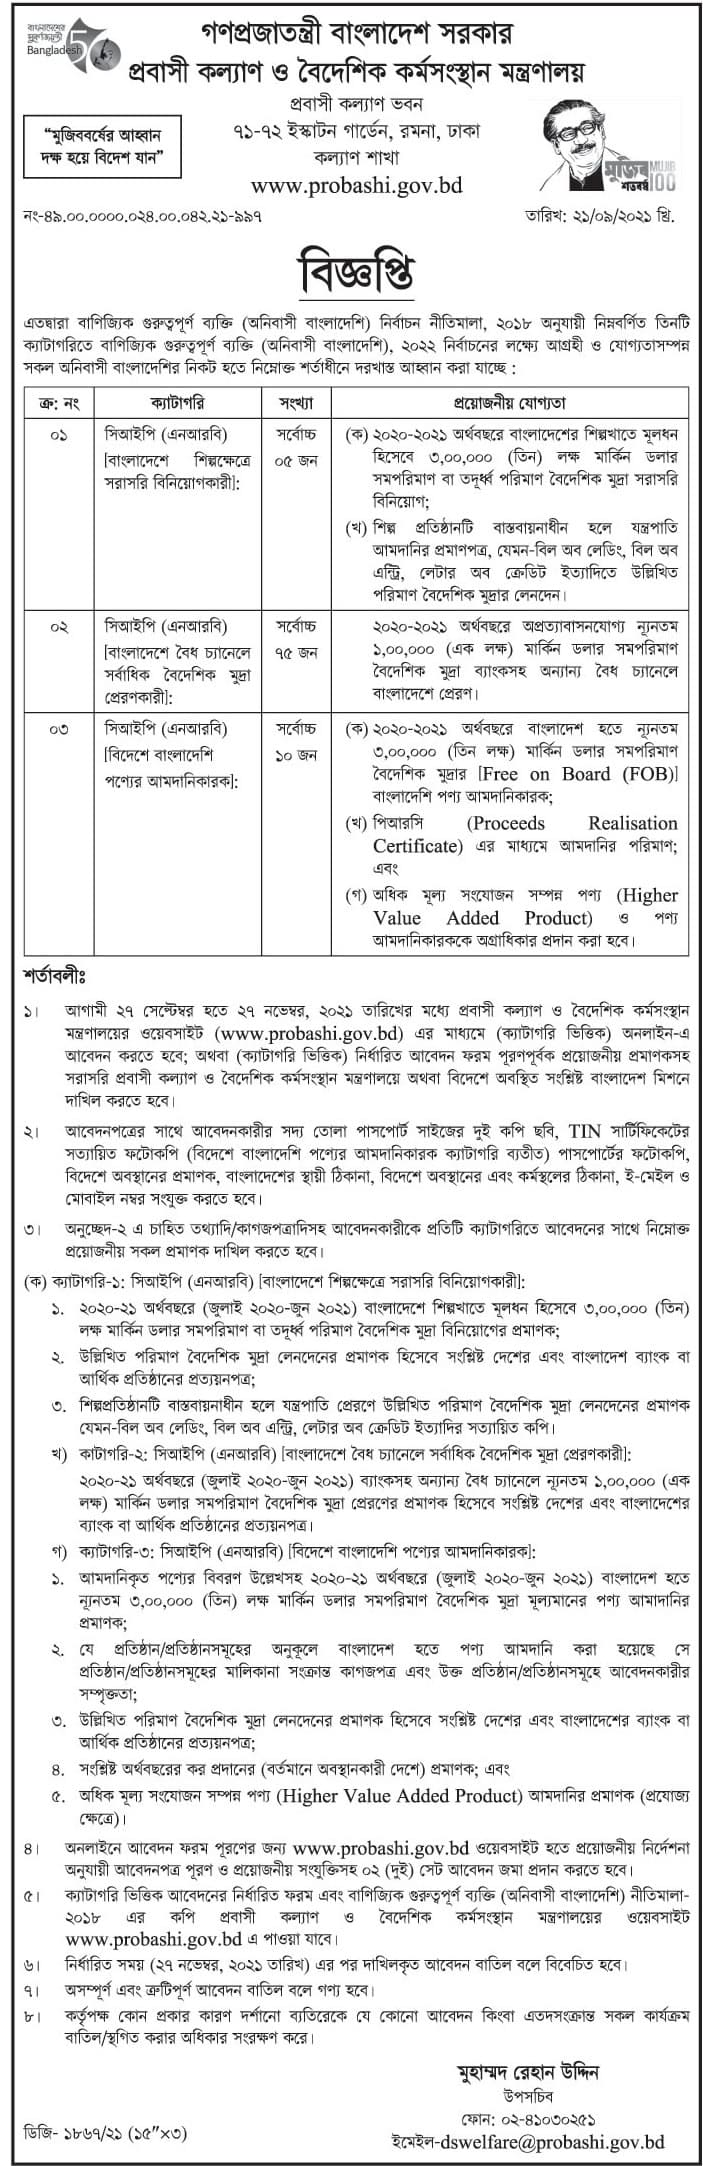 MEWOE Job Circular 2021 www.probashi.gov.bd